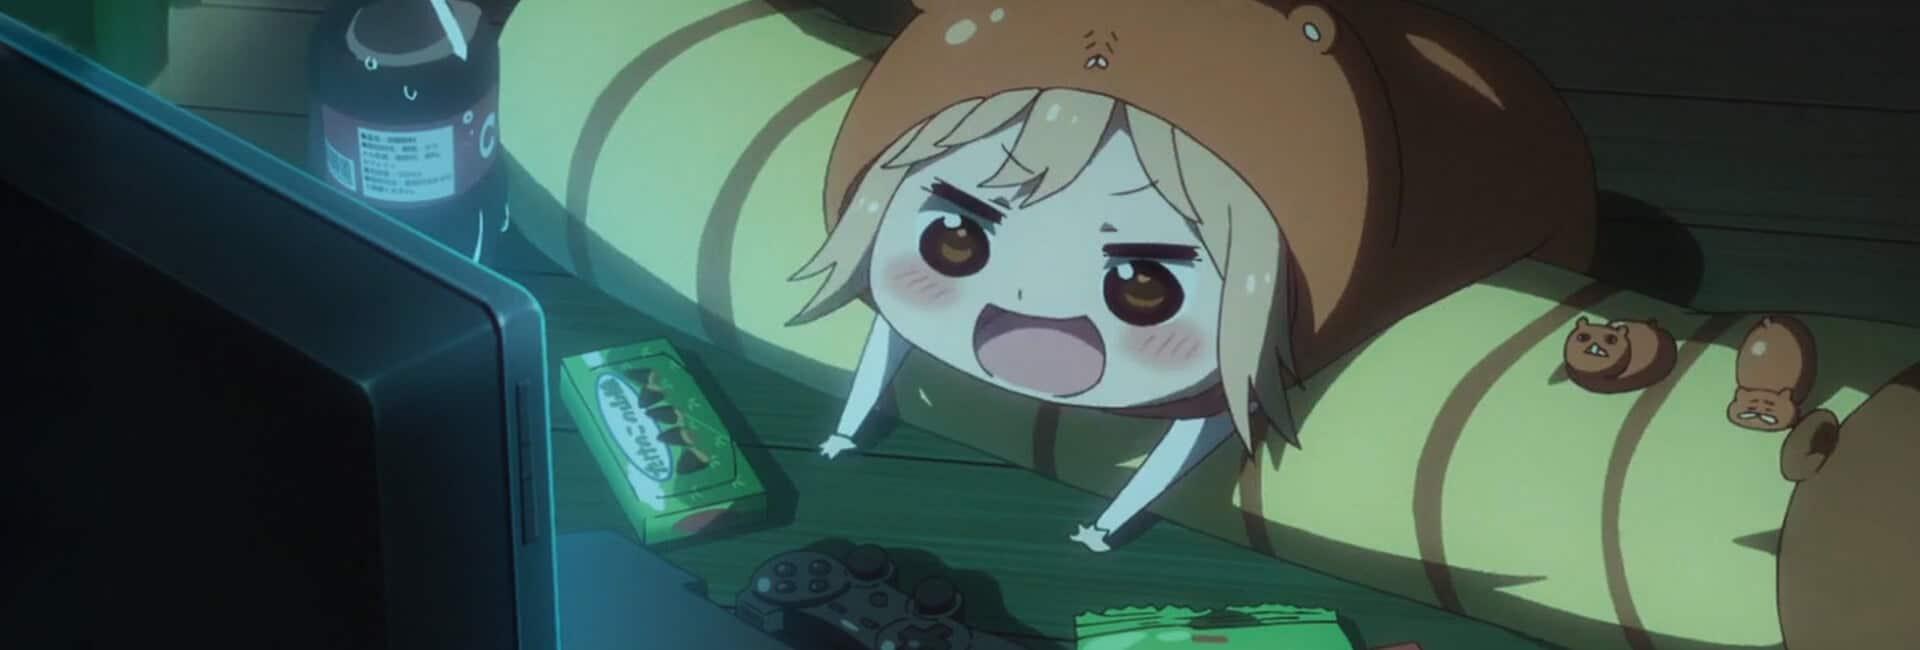 melhores opening nos animes com umaru cham vendo anime numa tv